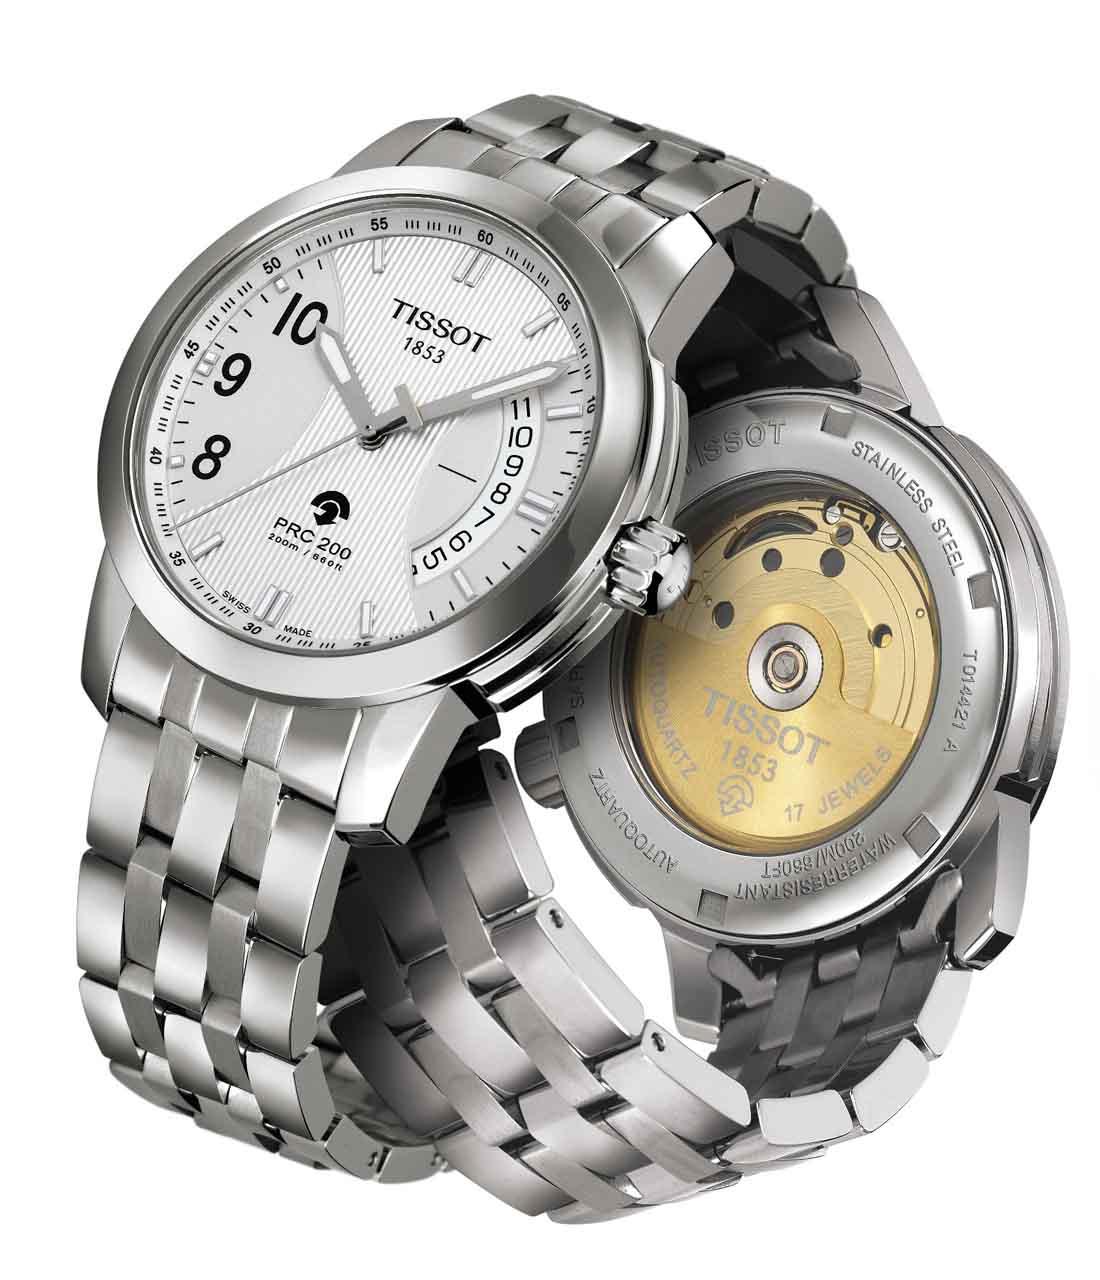 Đồng hồ Tissot 1853 T014.421.11.037.00 mặt kính chống xước cao